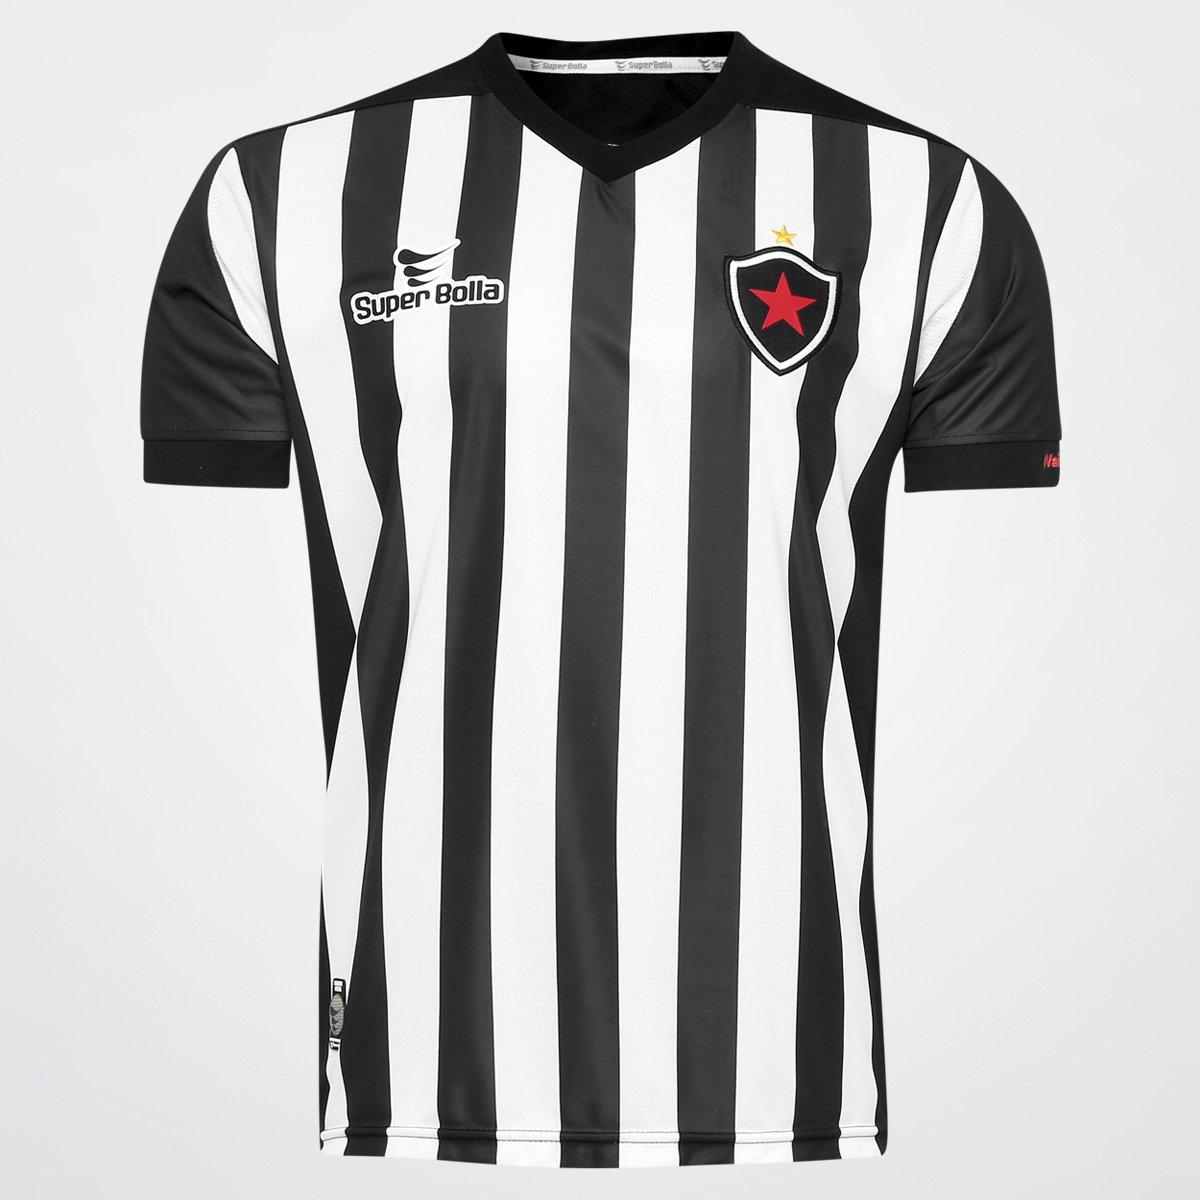 b78150034c Camisa Super Bolla Botafogo Paraiba I 2016 s nº - Jogador - Compre Agora